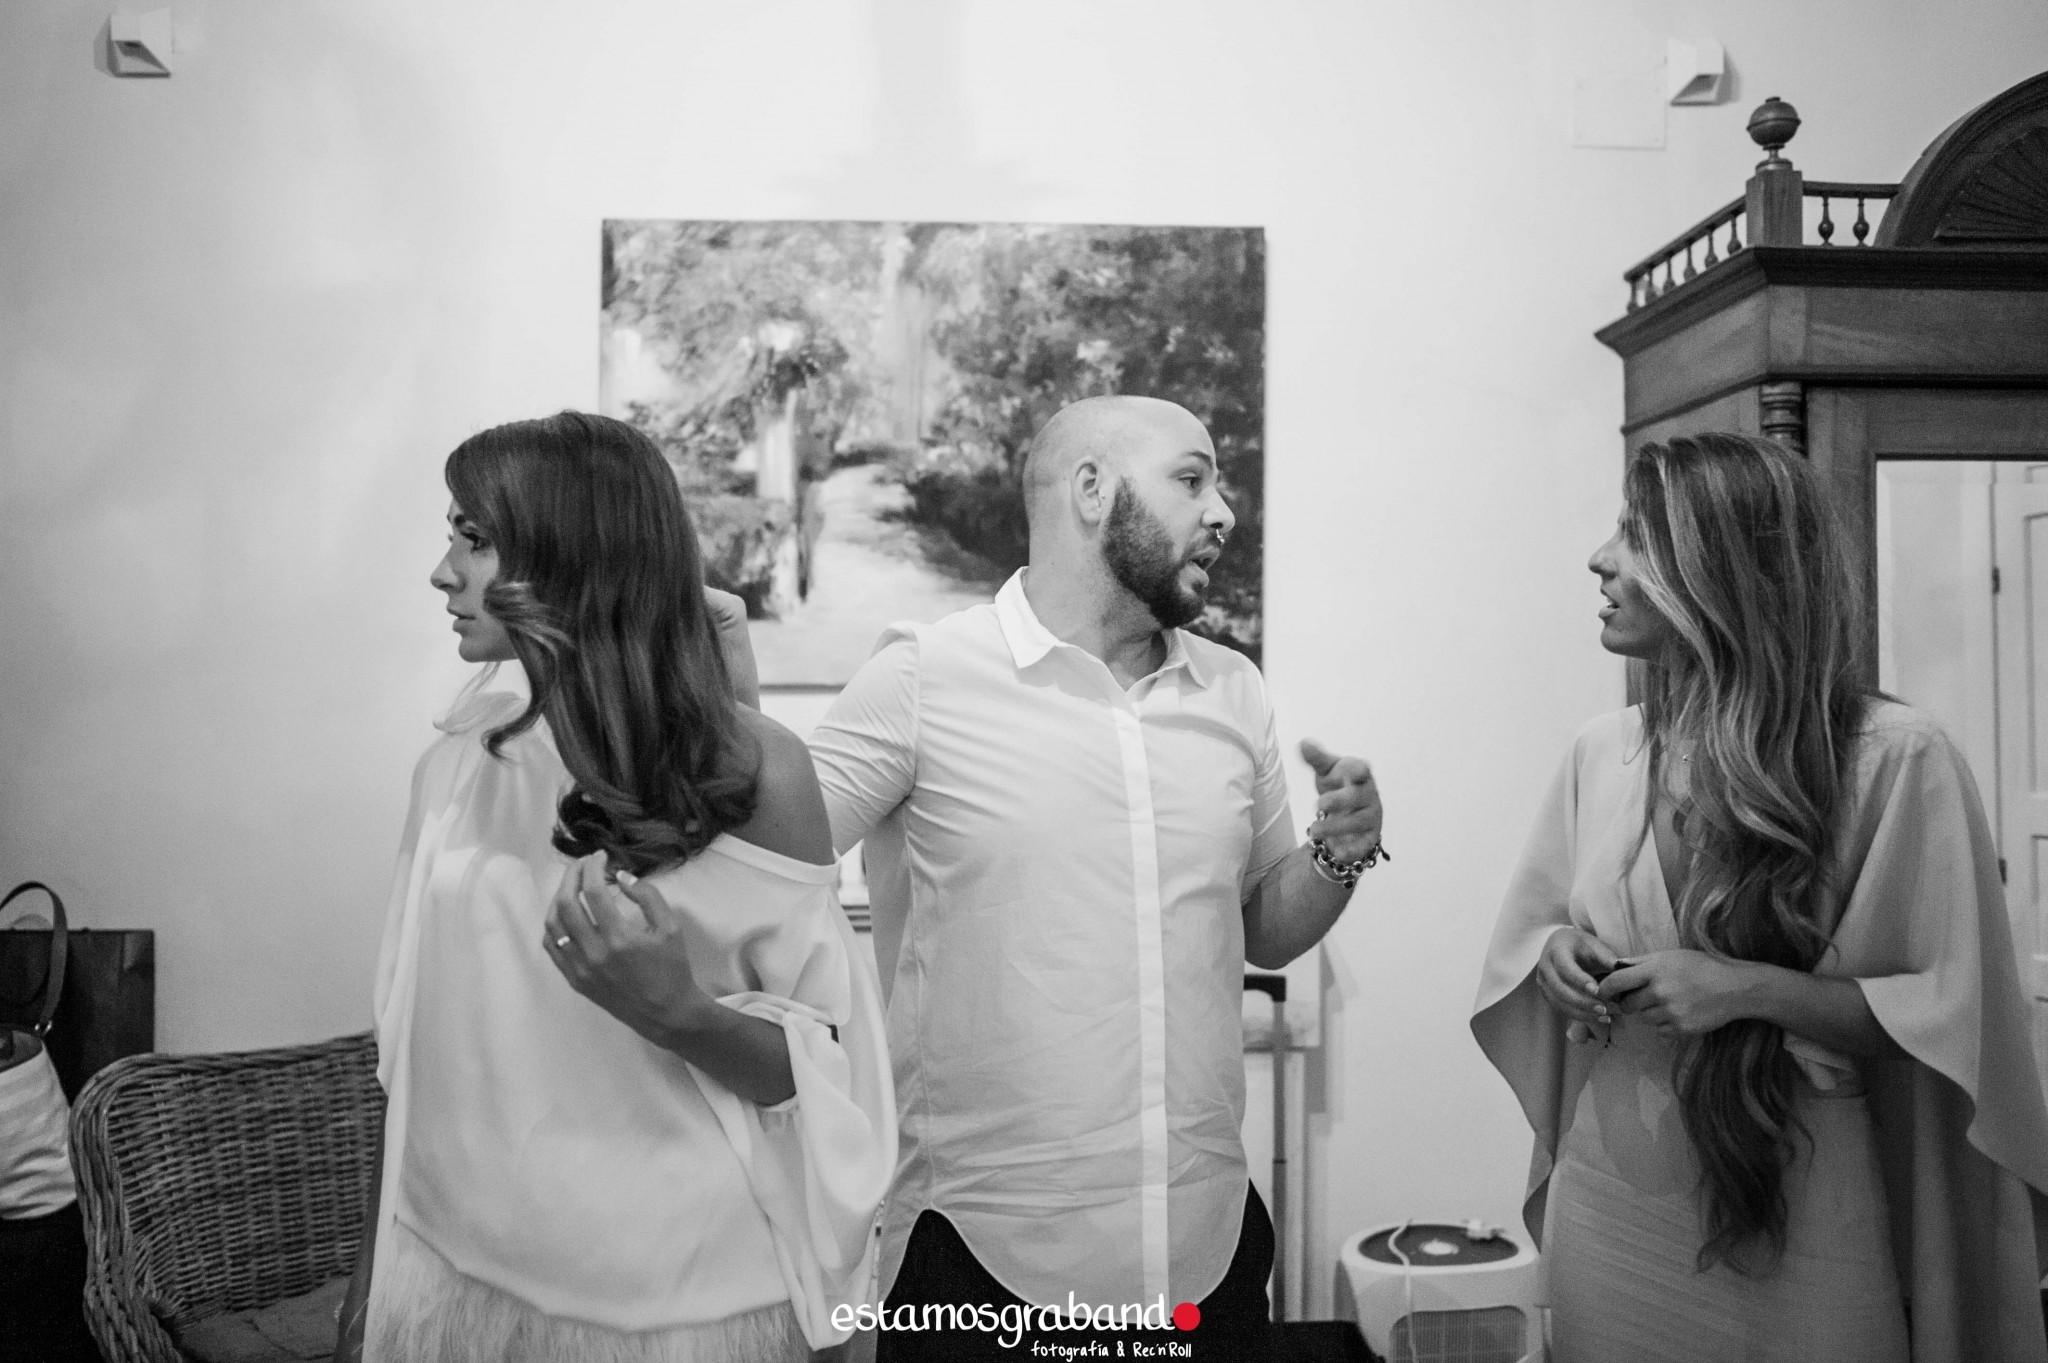 Miguel-Ana-44 Los invitados de Ana & Miguel [Fotografía de Boda_Viña La Carreña, Jerez] - video boda cadiz